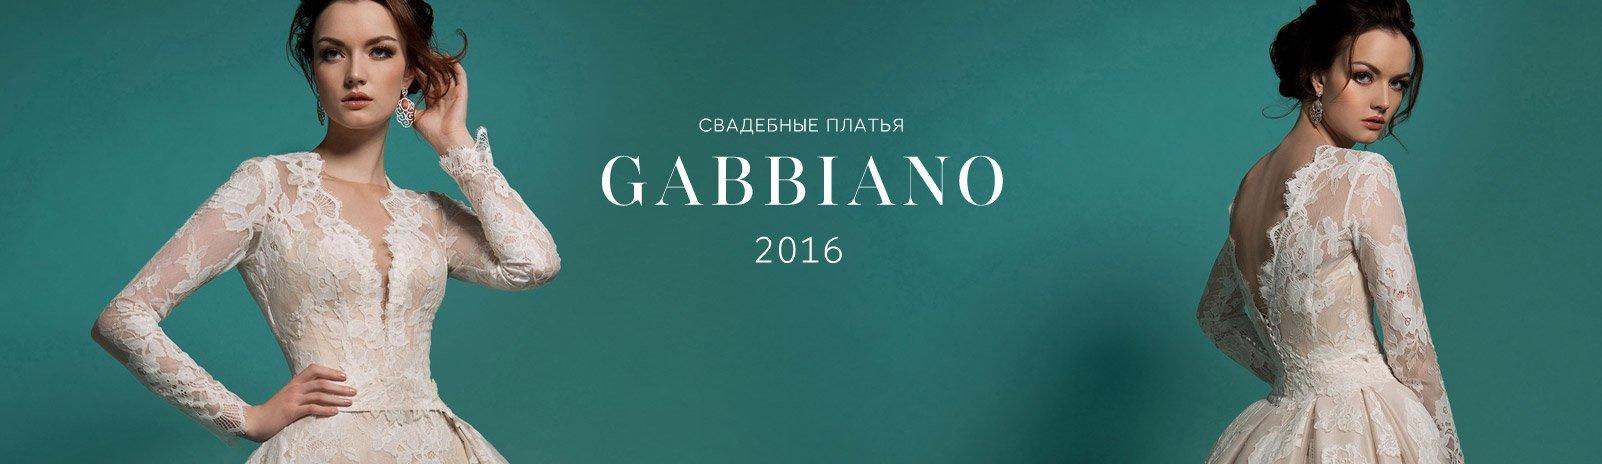 gabbiano-2016-3